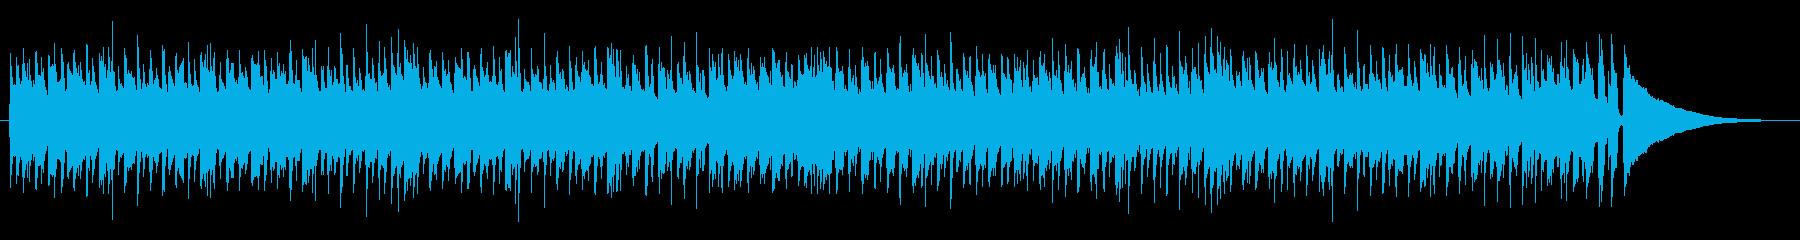 明るく軽快な曲です。の再生済みの波形